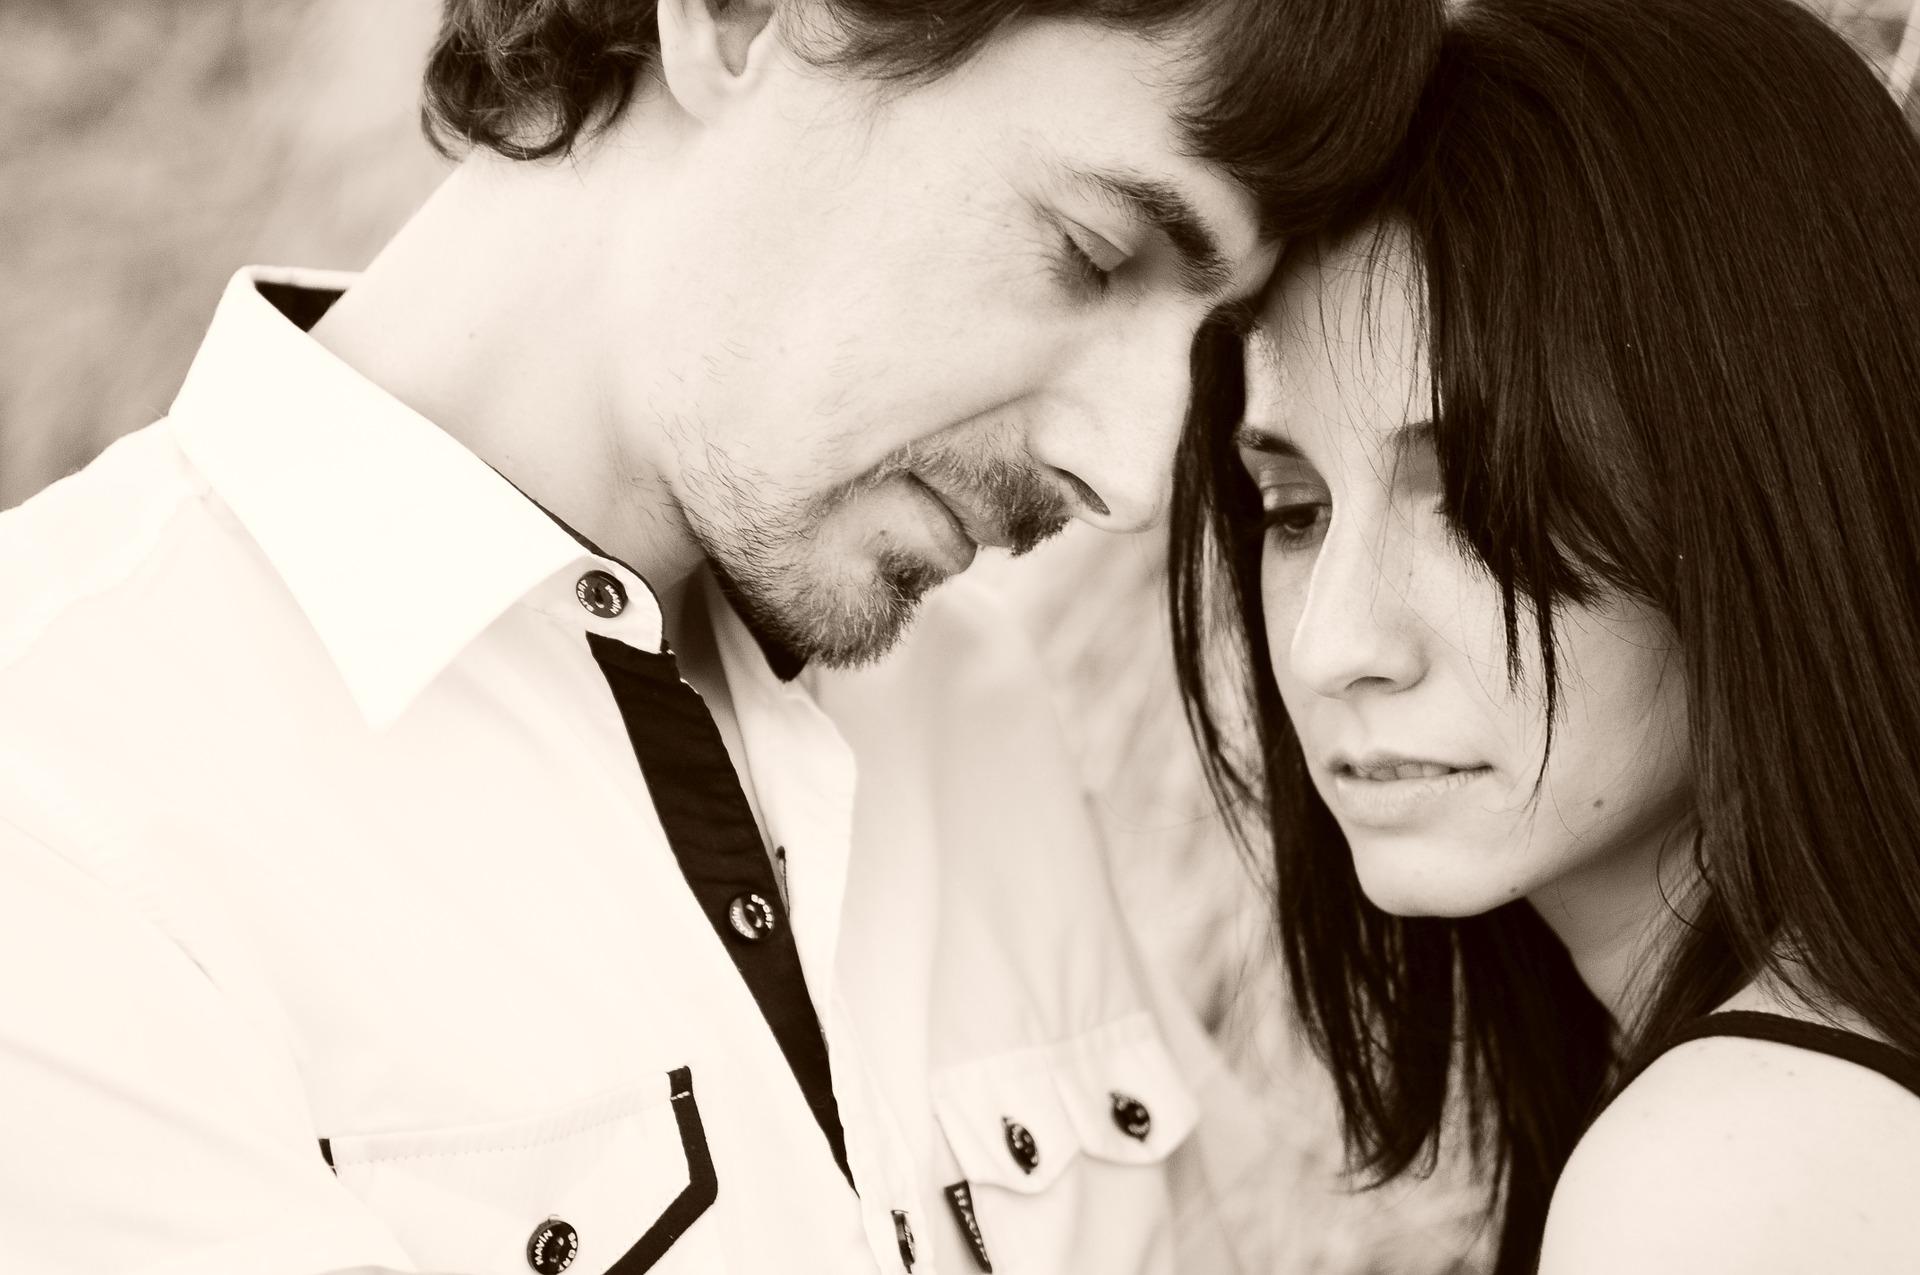 психология отношений между мужем